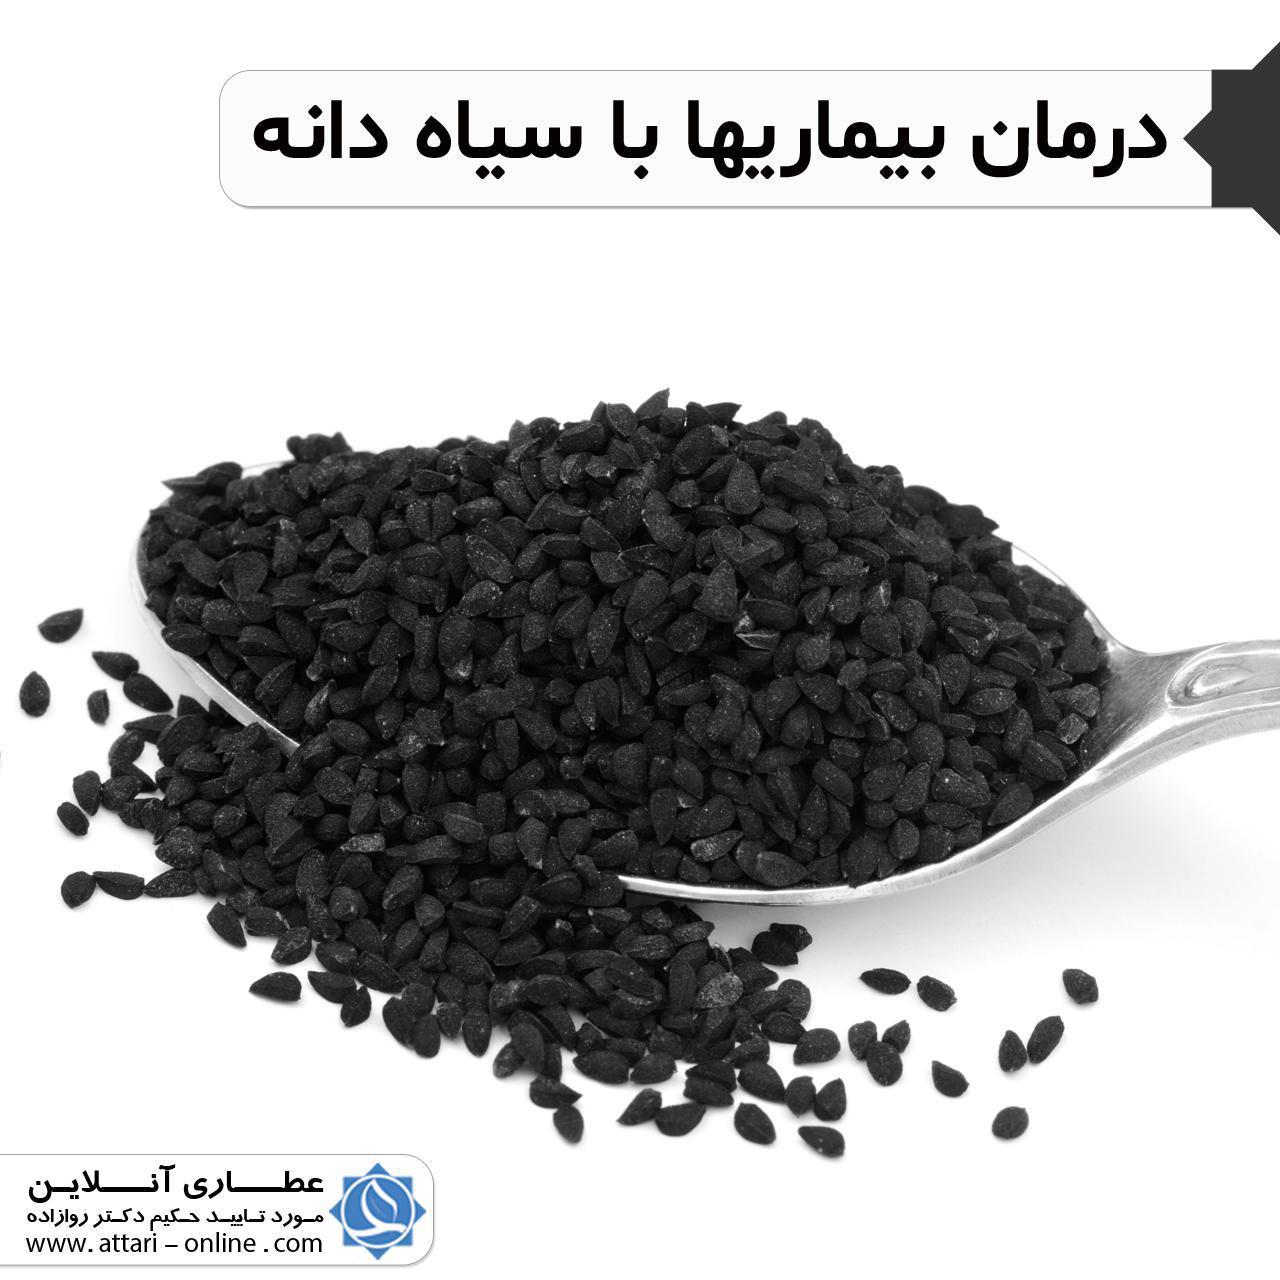 سیاهدانه ک درمان بیماریها با سیاه دانه